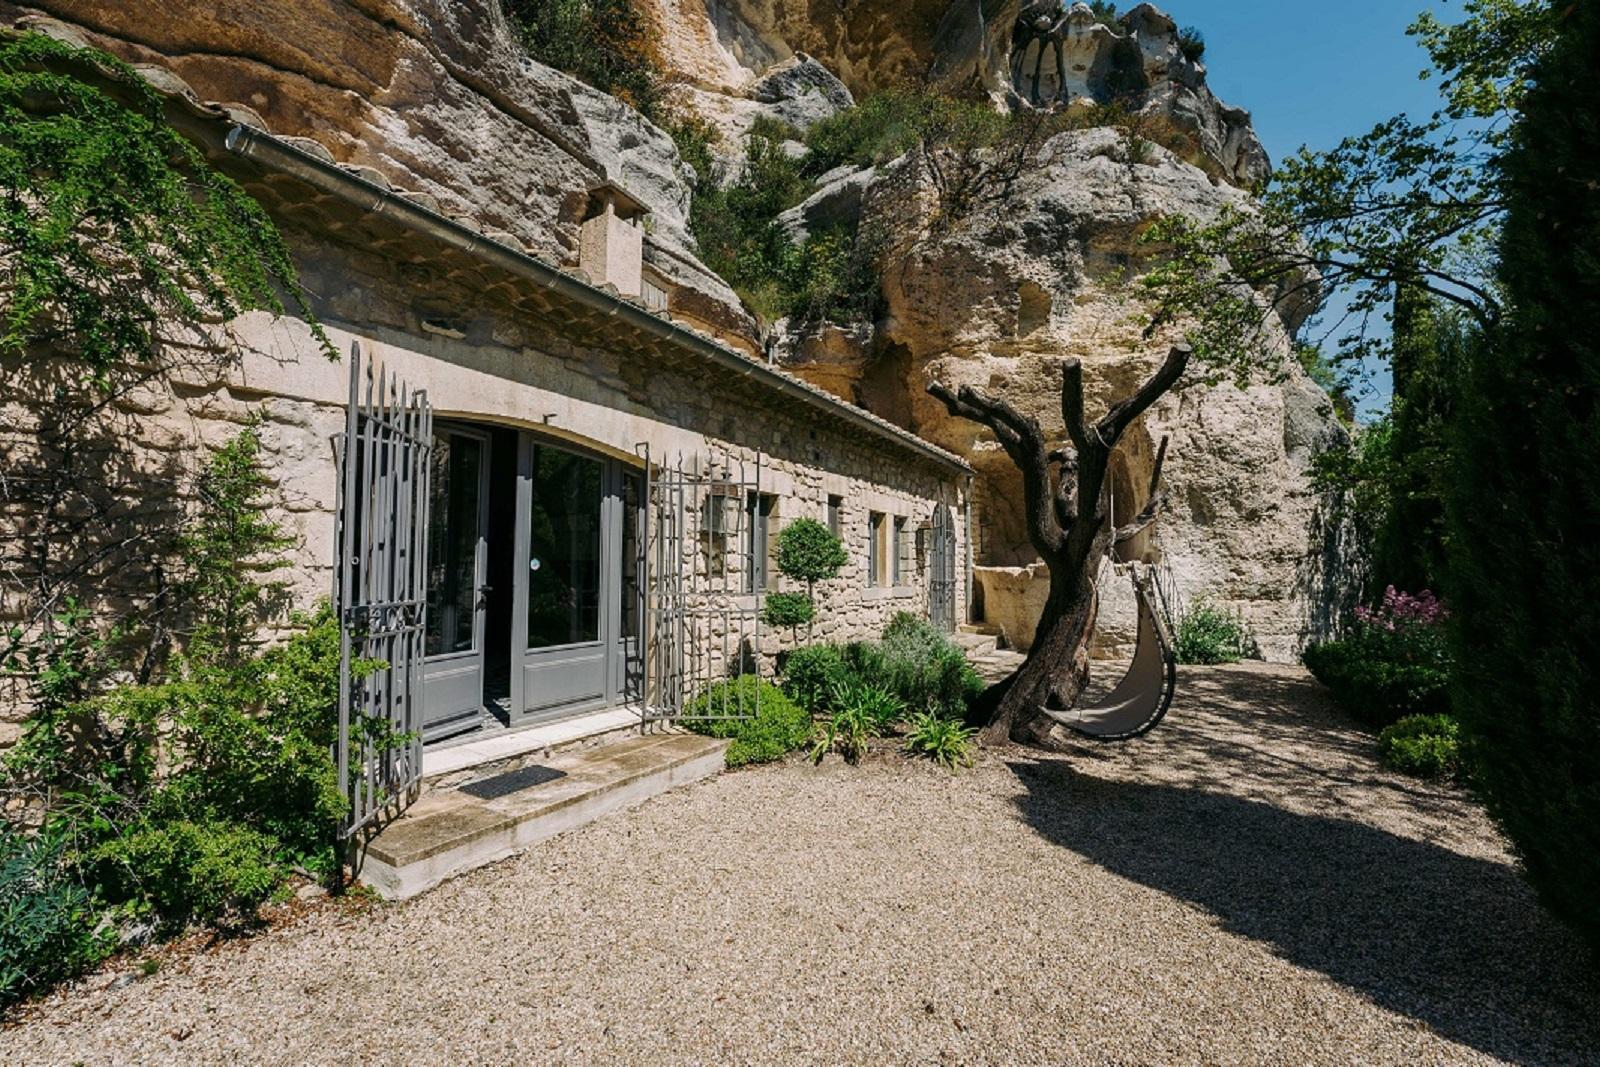 letoile-des-baux-iconic-house-baux-de-provence-alpilles-bouches-du-rhone-entree-seminaires-de-caractere